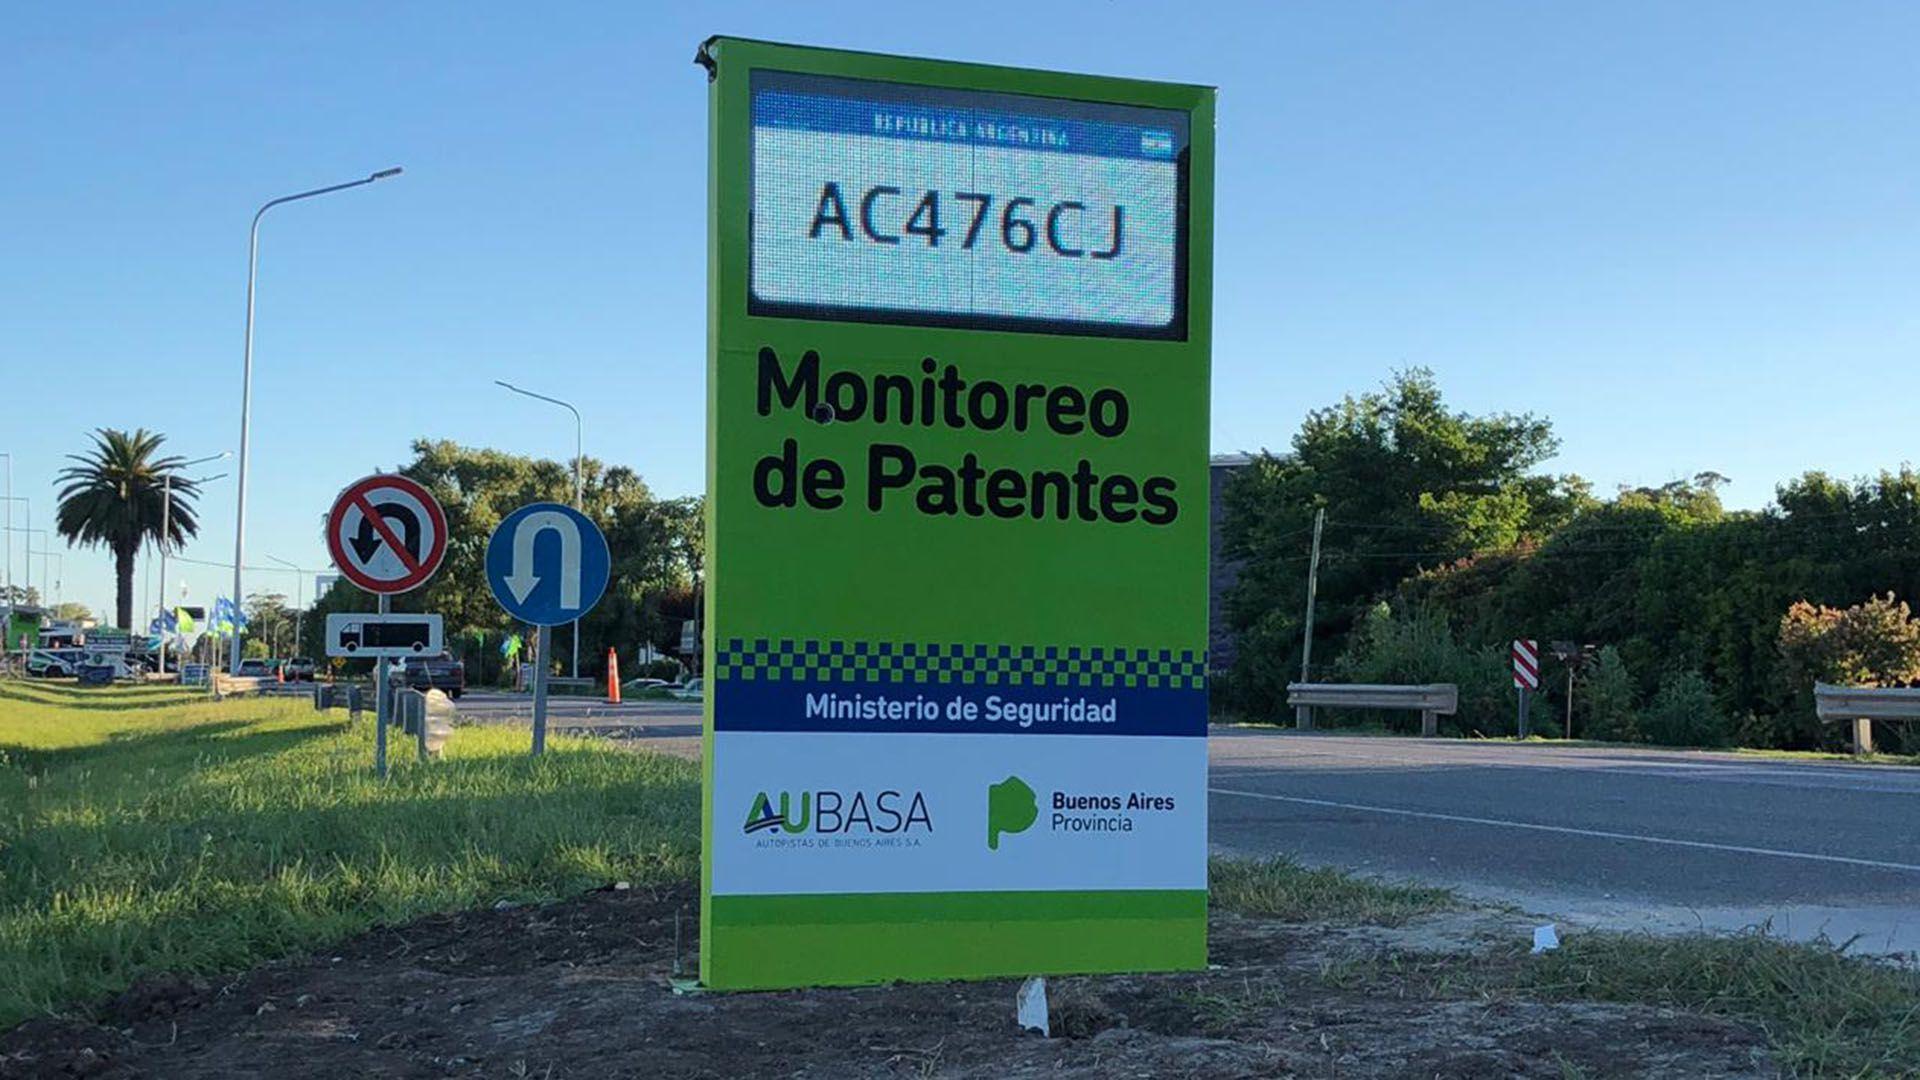 También seguirán los controles a la patentes para ingresar a la costa Atlántica